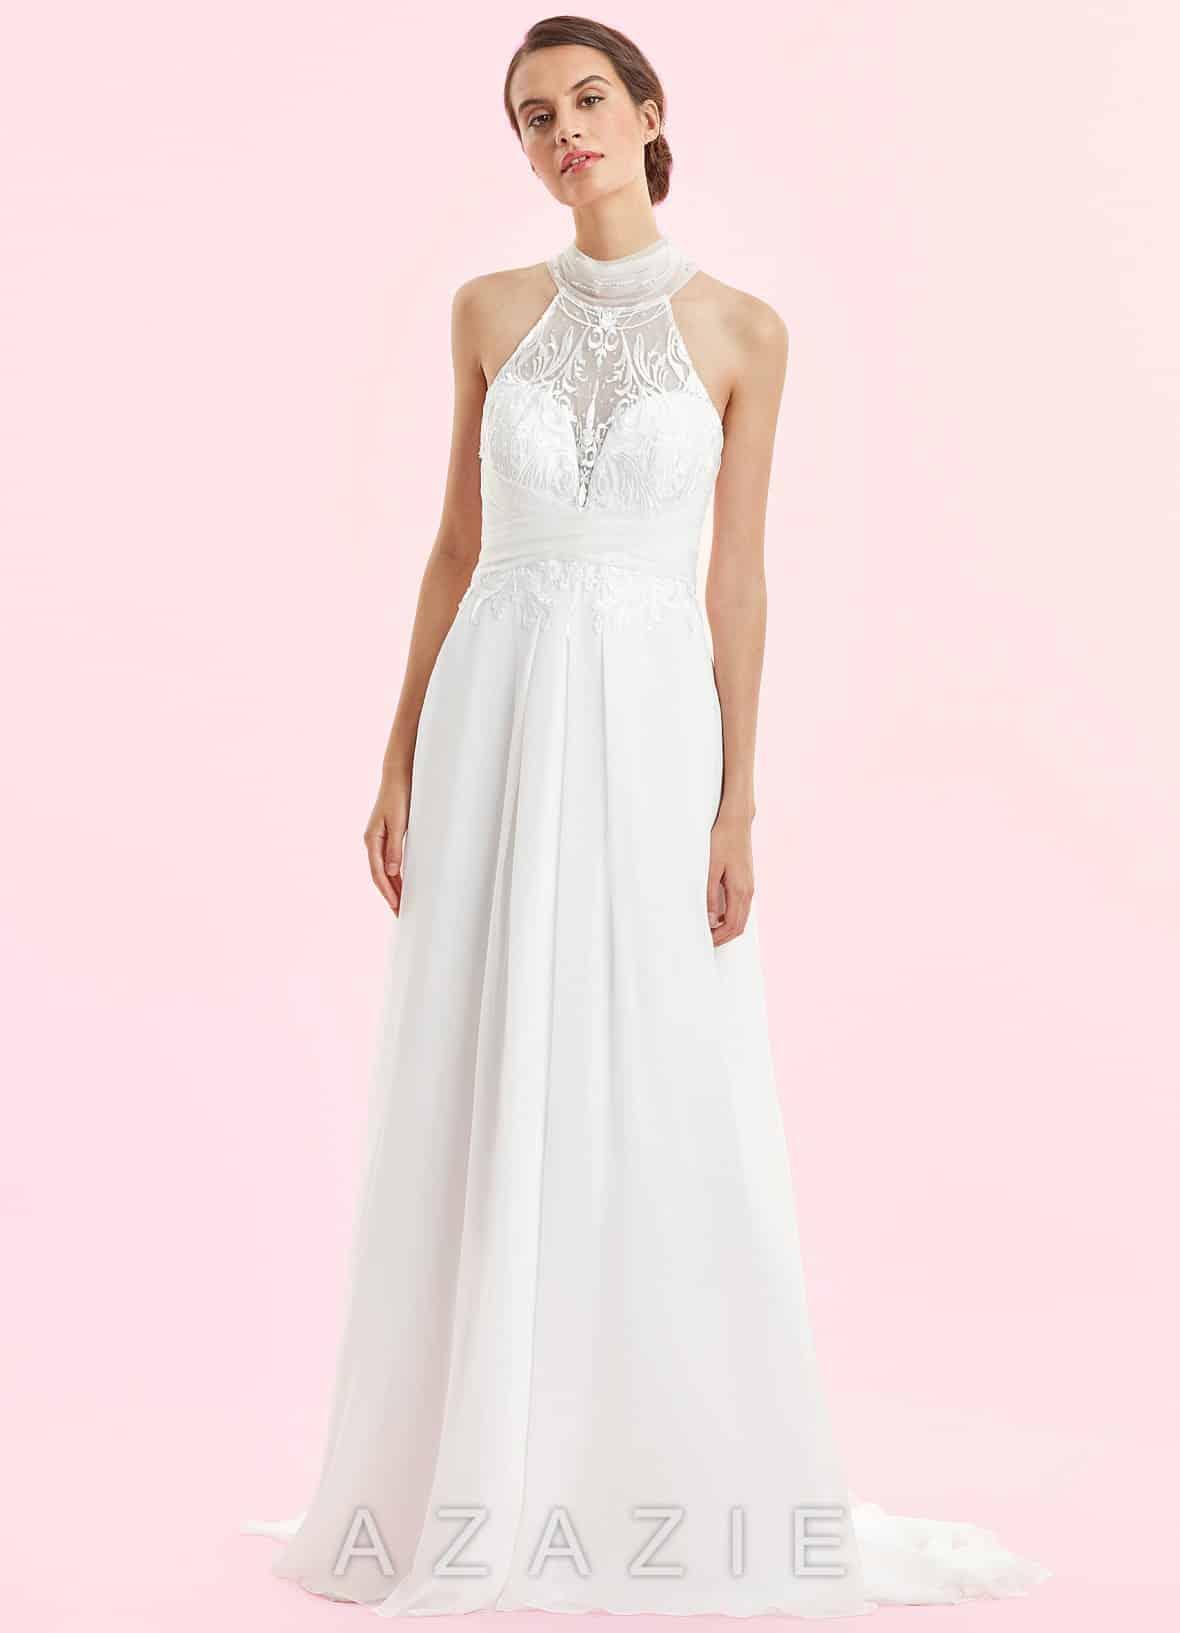 Azazie - Anaya Dress - $399